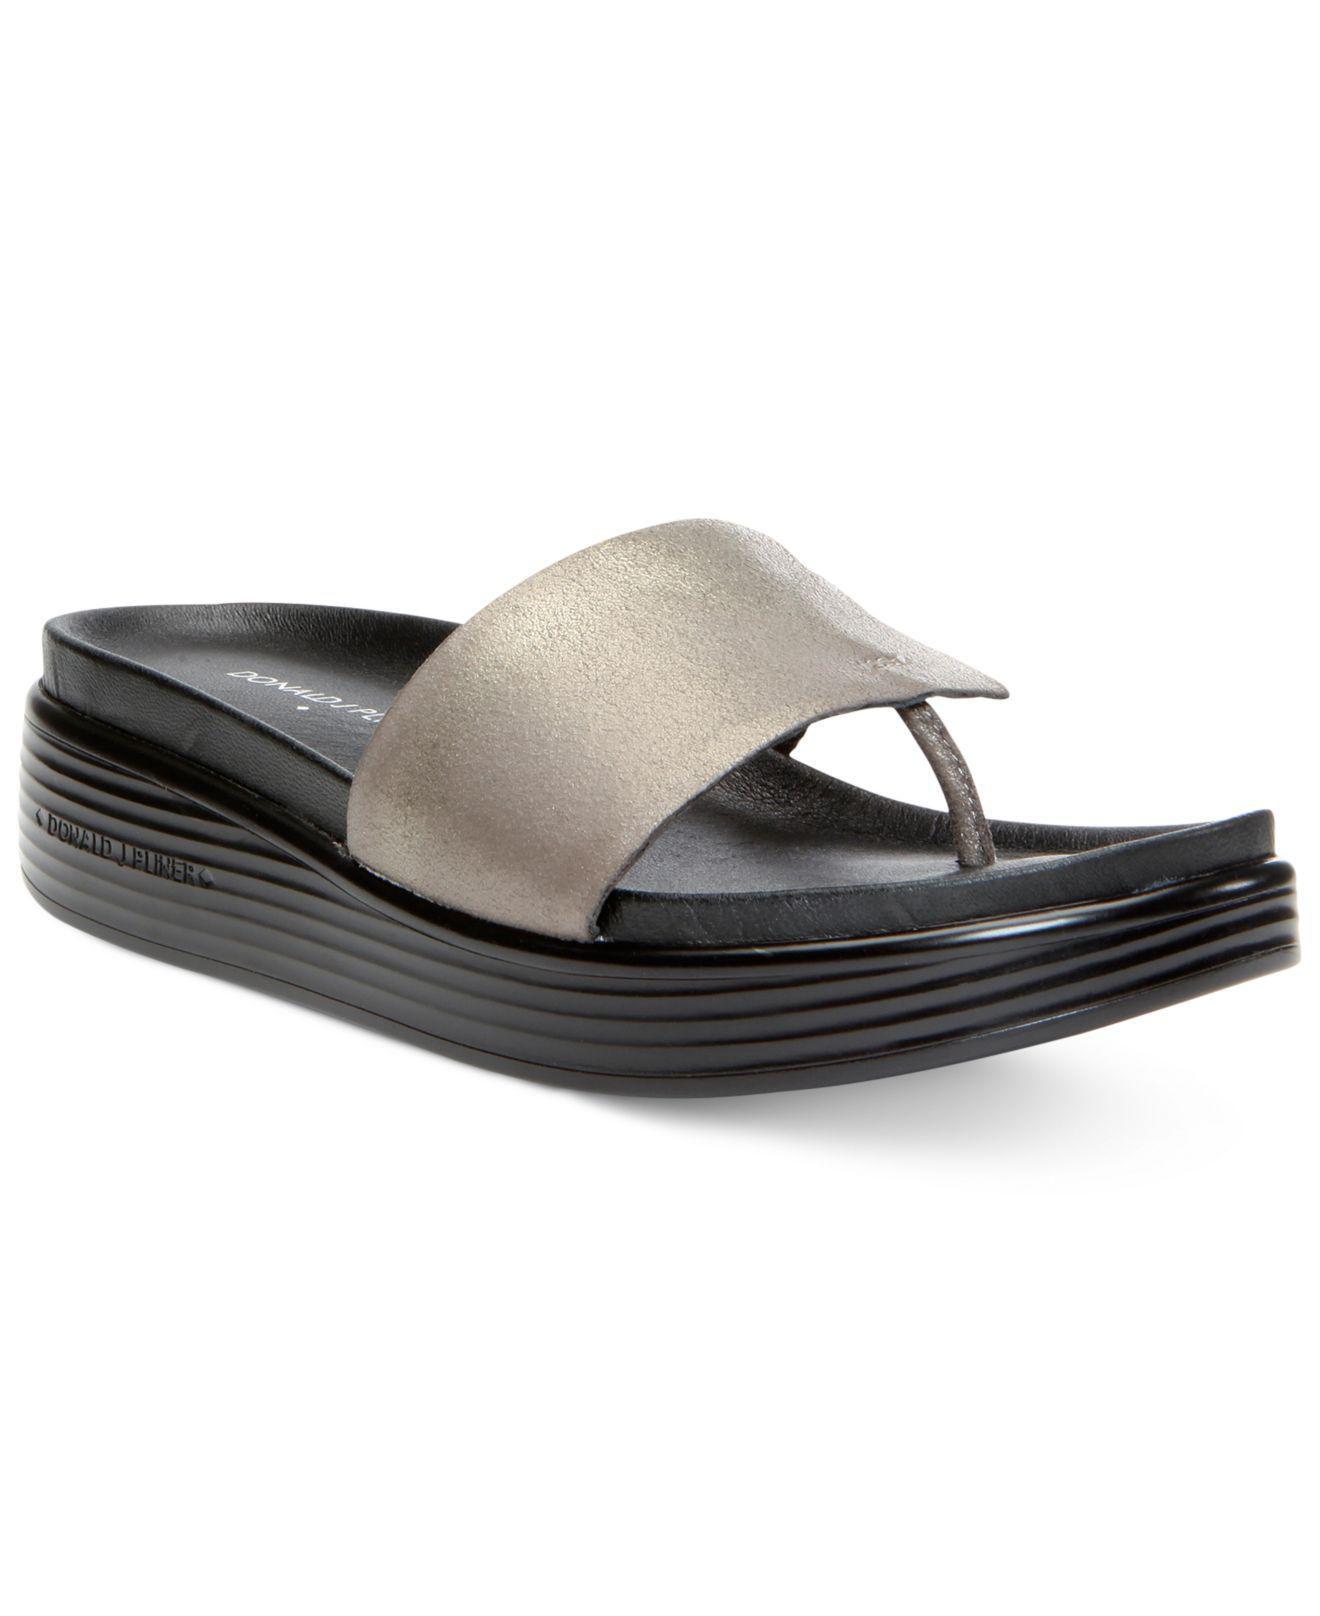 43c196c104e Donald J Pliner. Donald J Pliner Womens Fifi Leather Open Toe Casual Platform  Sandals